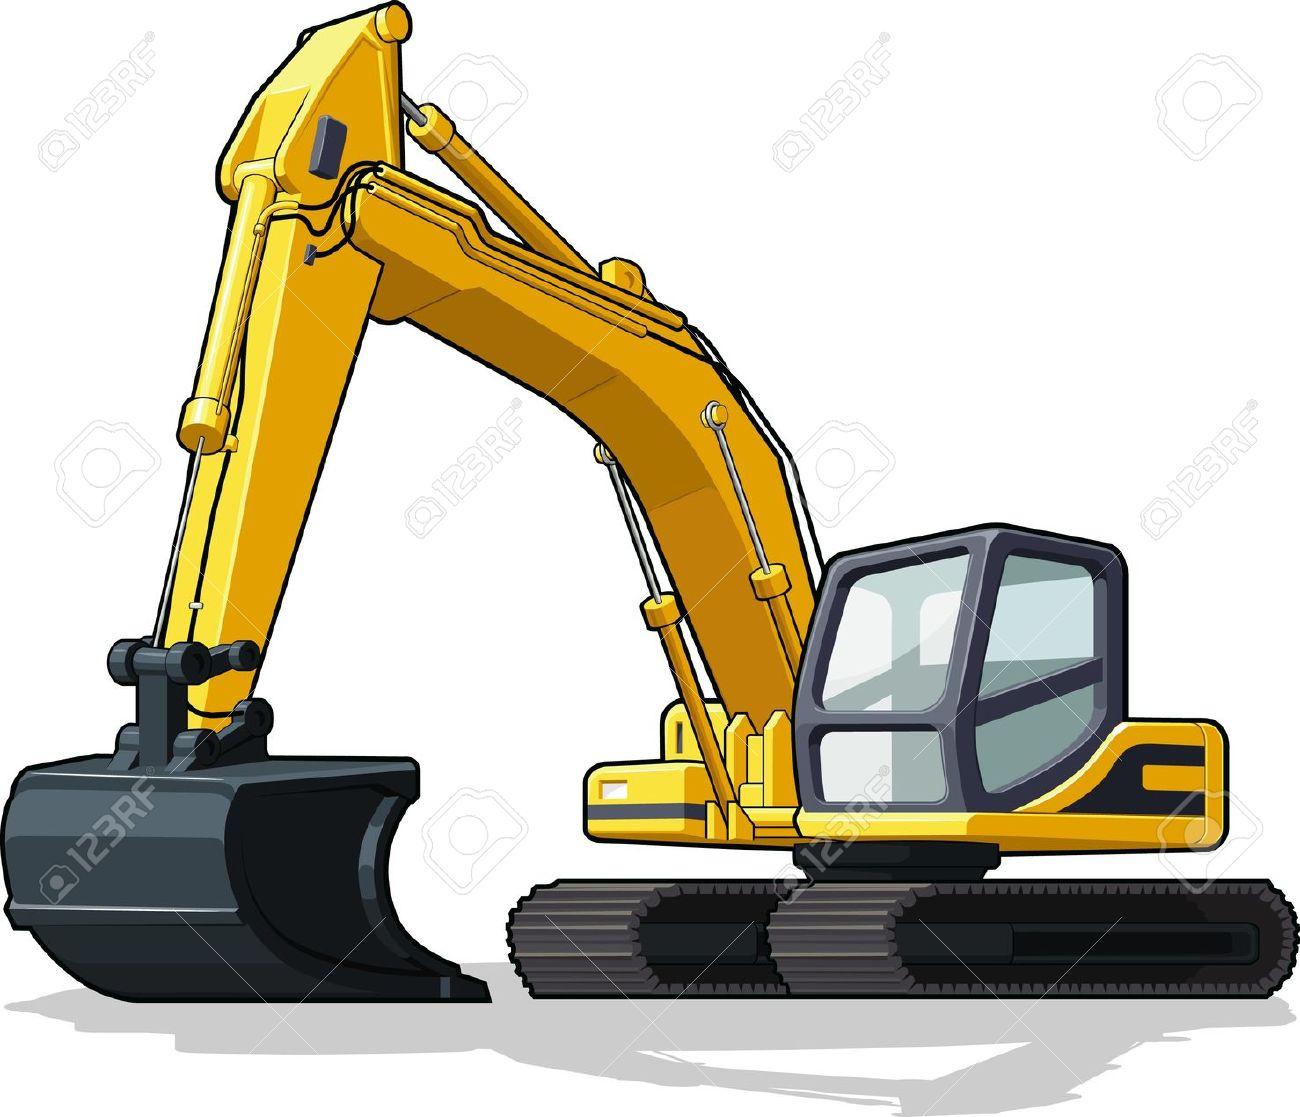 excavator clipartlook. Backhoe clipart digger